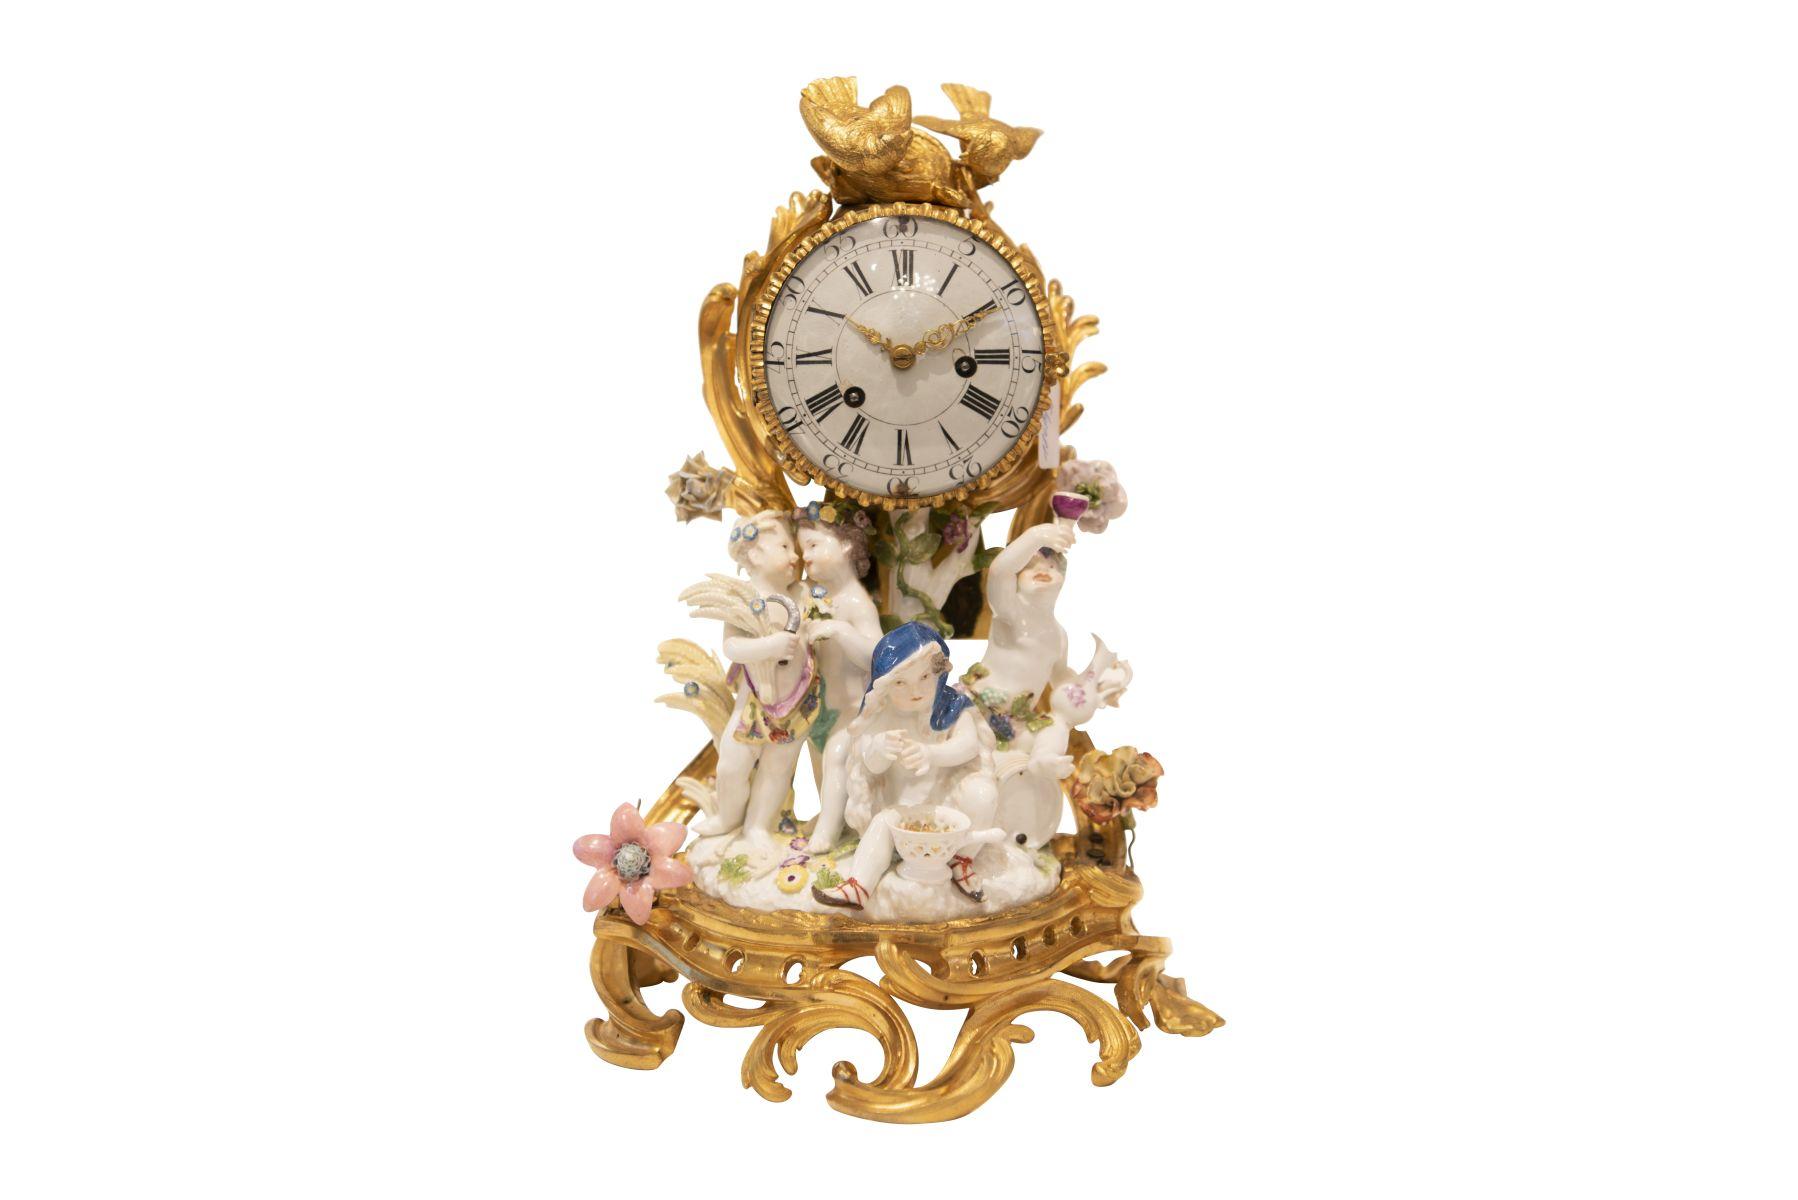 #89 Small pendulum with the 4 seasons, Meissen movement Jean Romilly (1714-1796)   Kleine Pendule mit den 4 Jahreszeiten, Meissen Uhrwerk Jean Romilly (1714-1796) Image